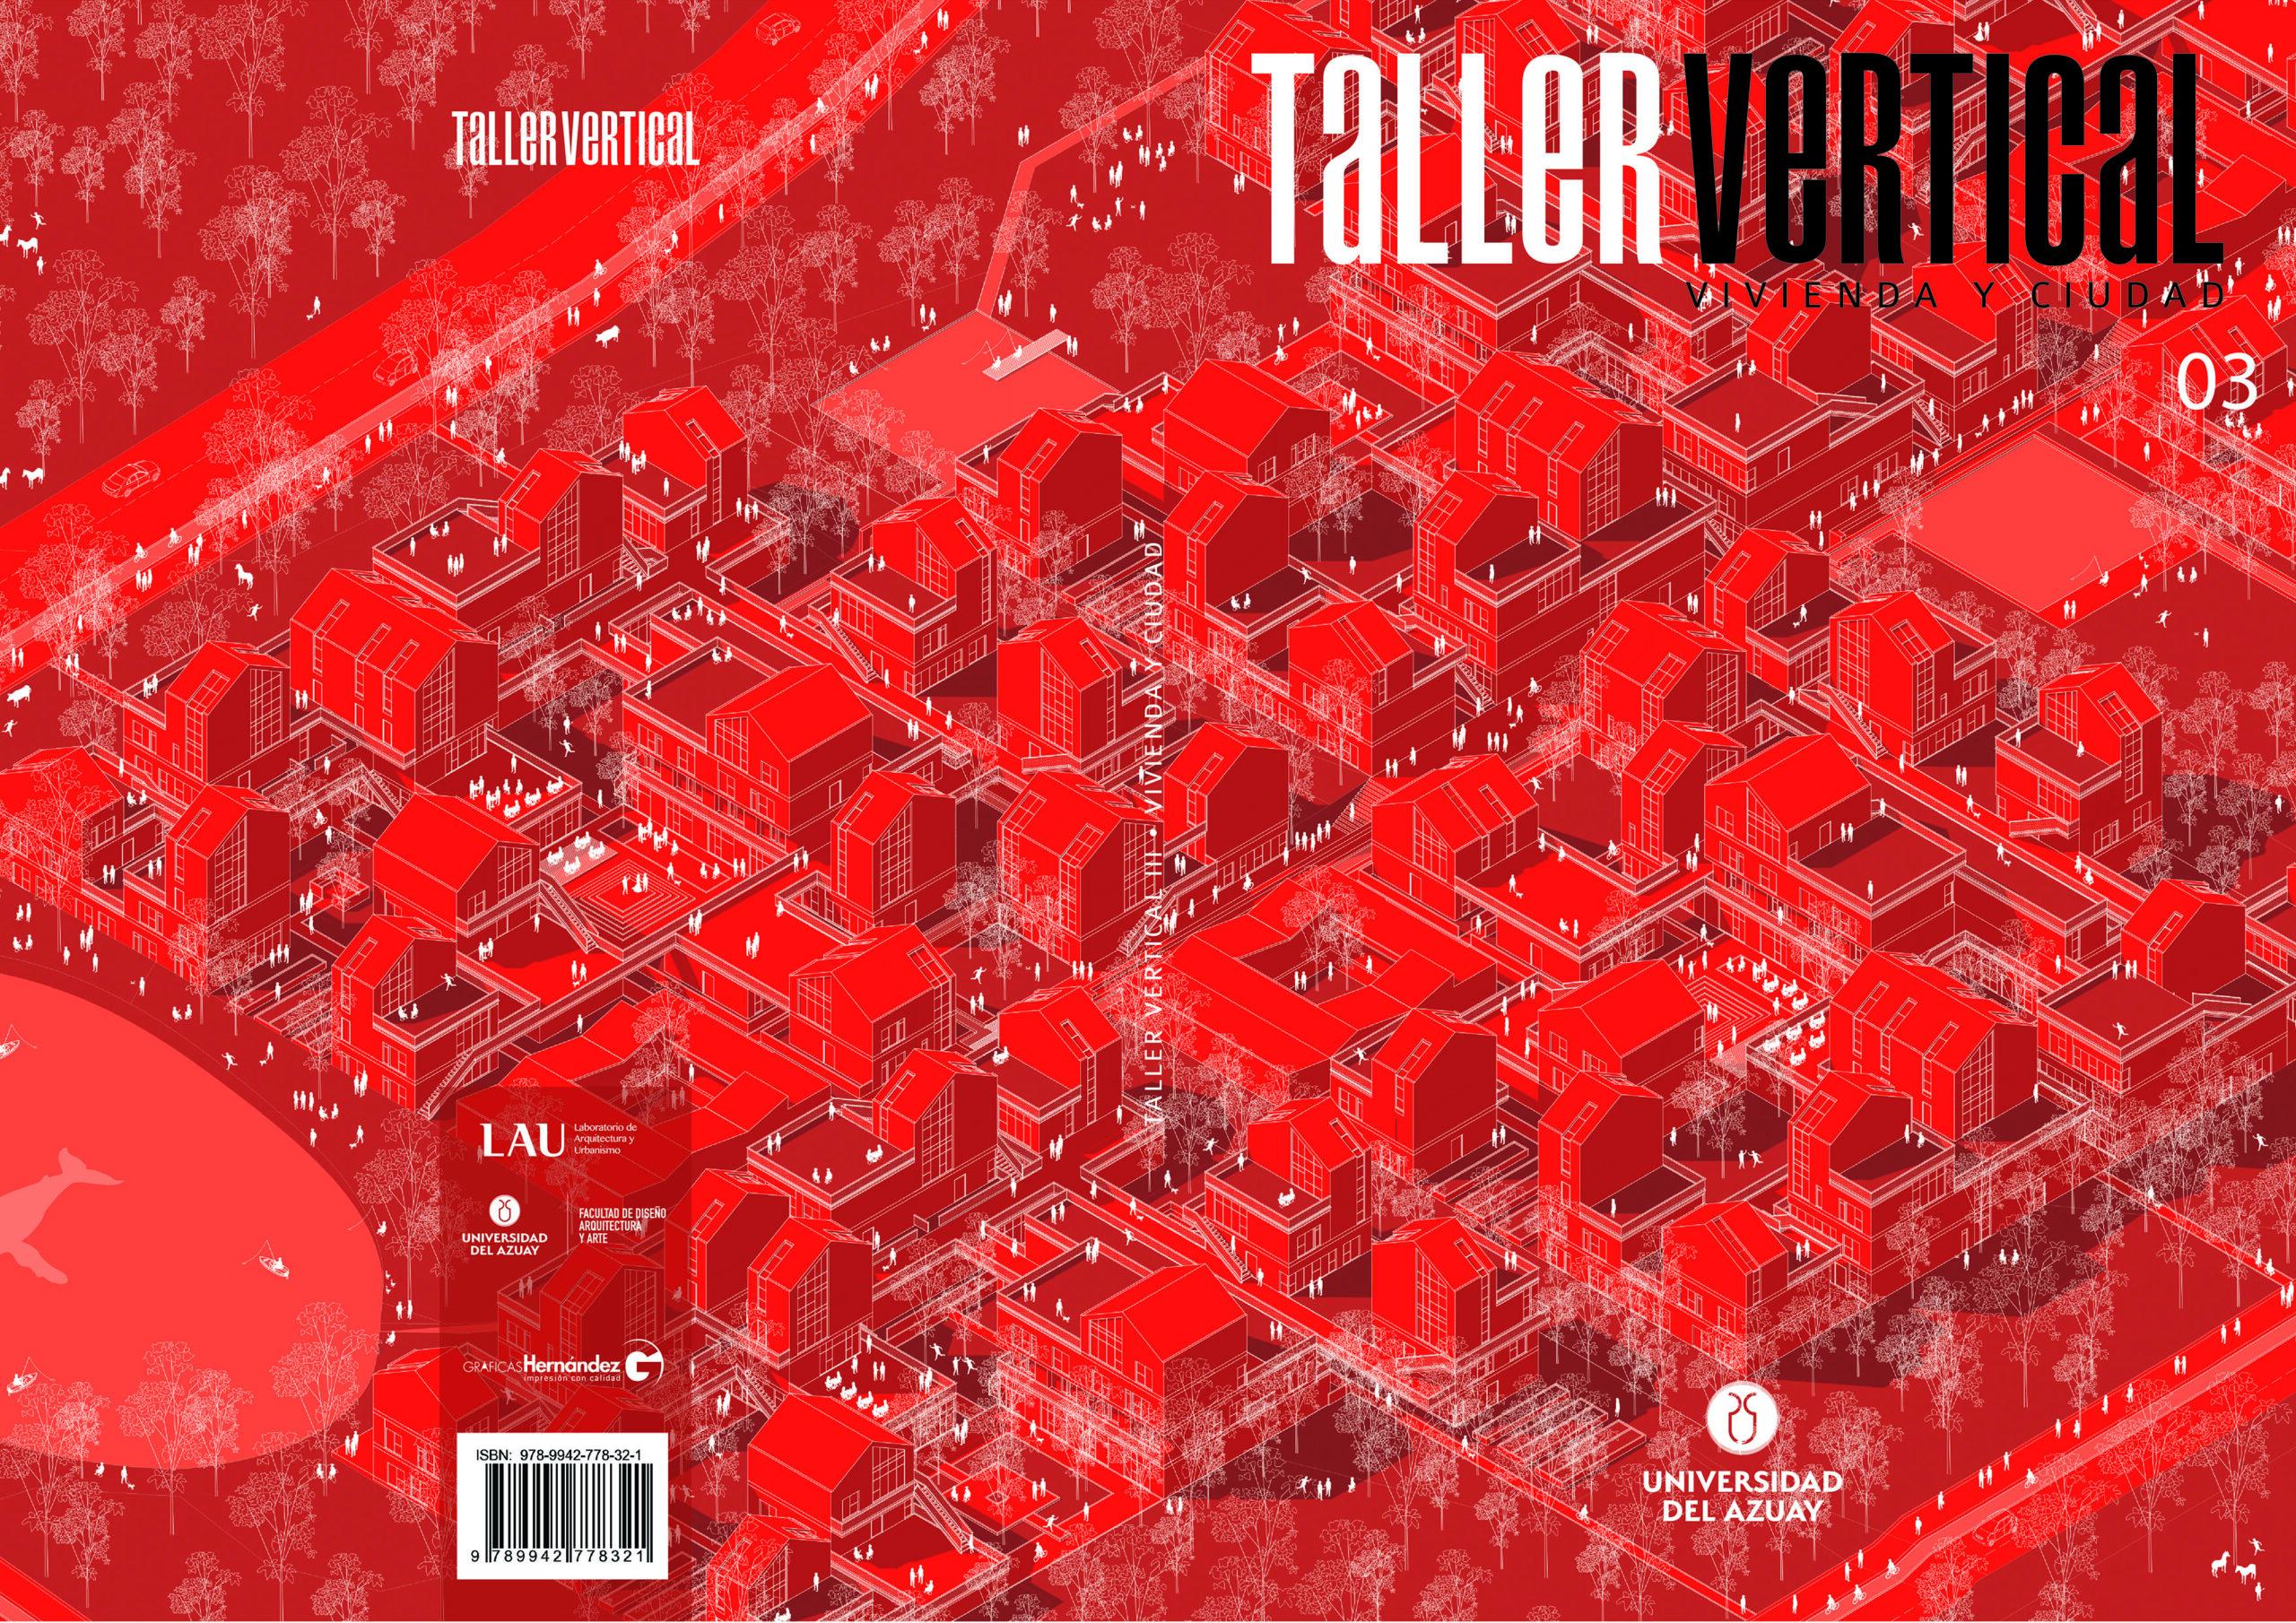 TALLER VERTICAL UNIVERSIDAD DEL AZUAY